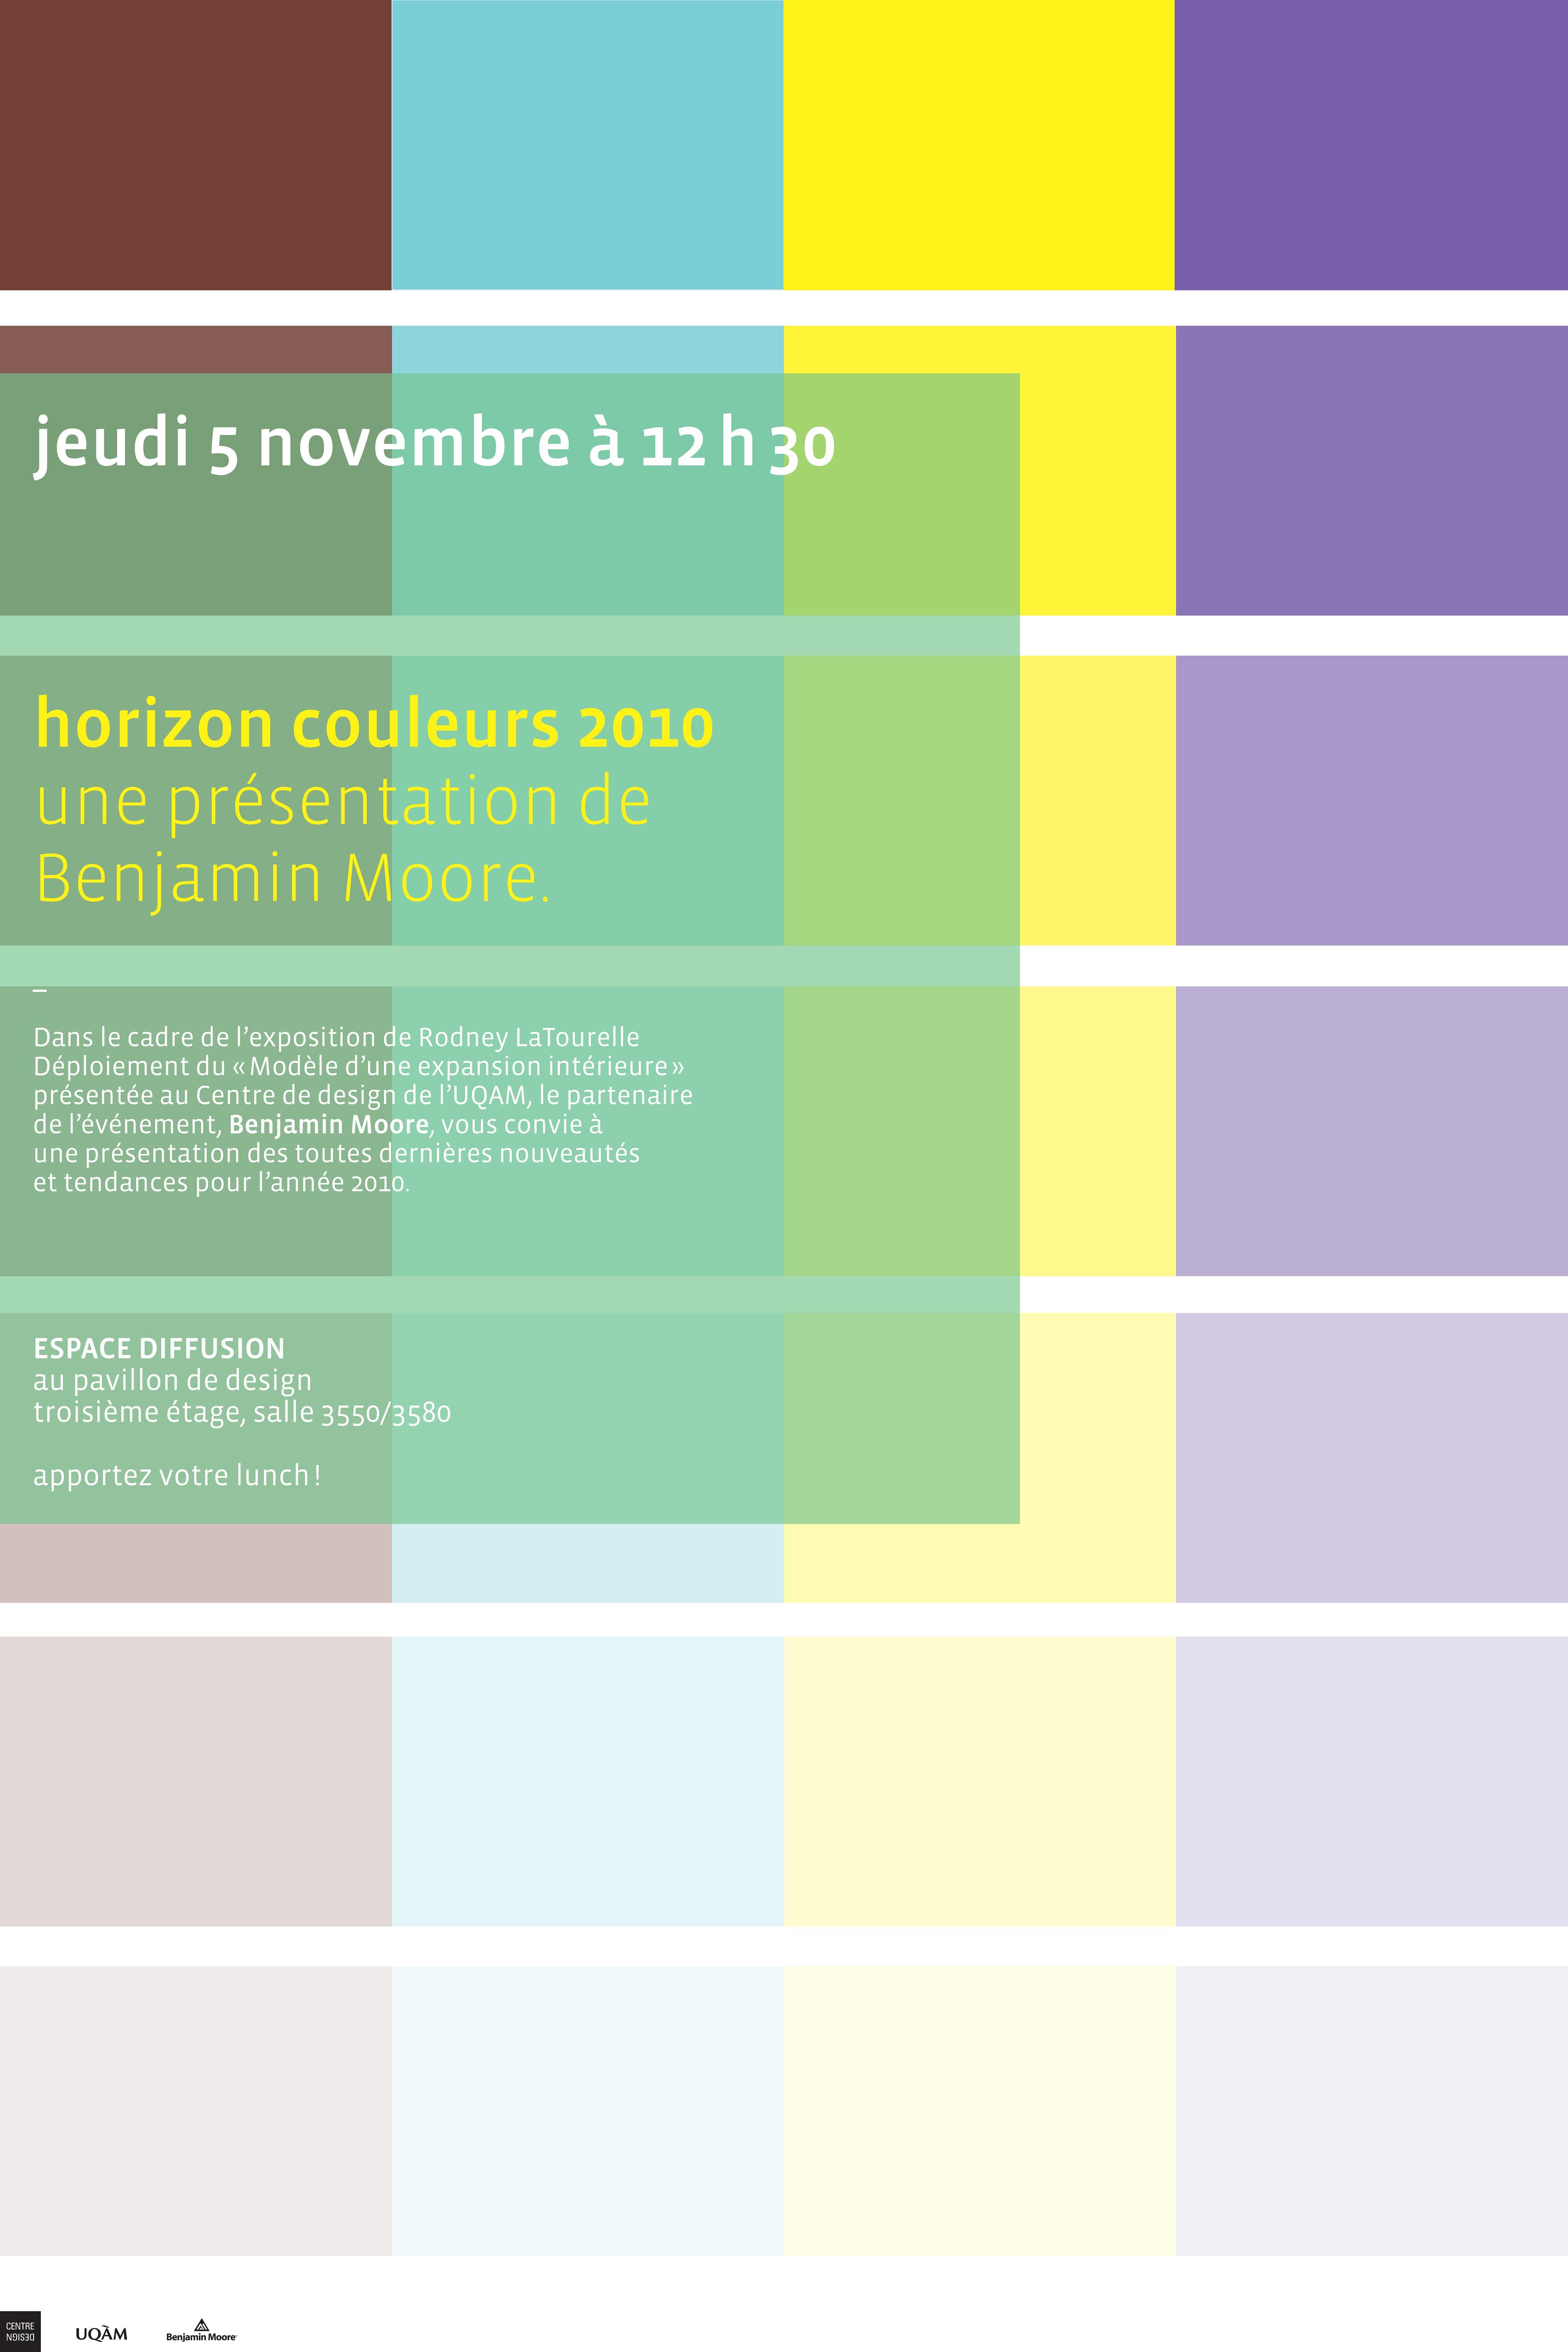 2010 - Exposition - Horizon couleurs 2010 une présentation de Benjamin Moore